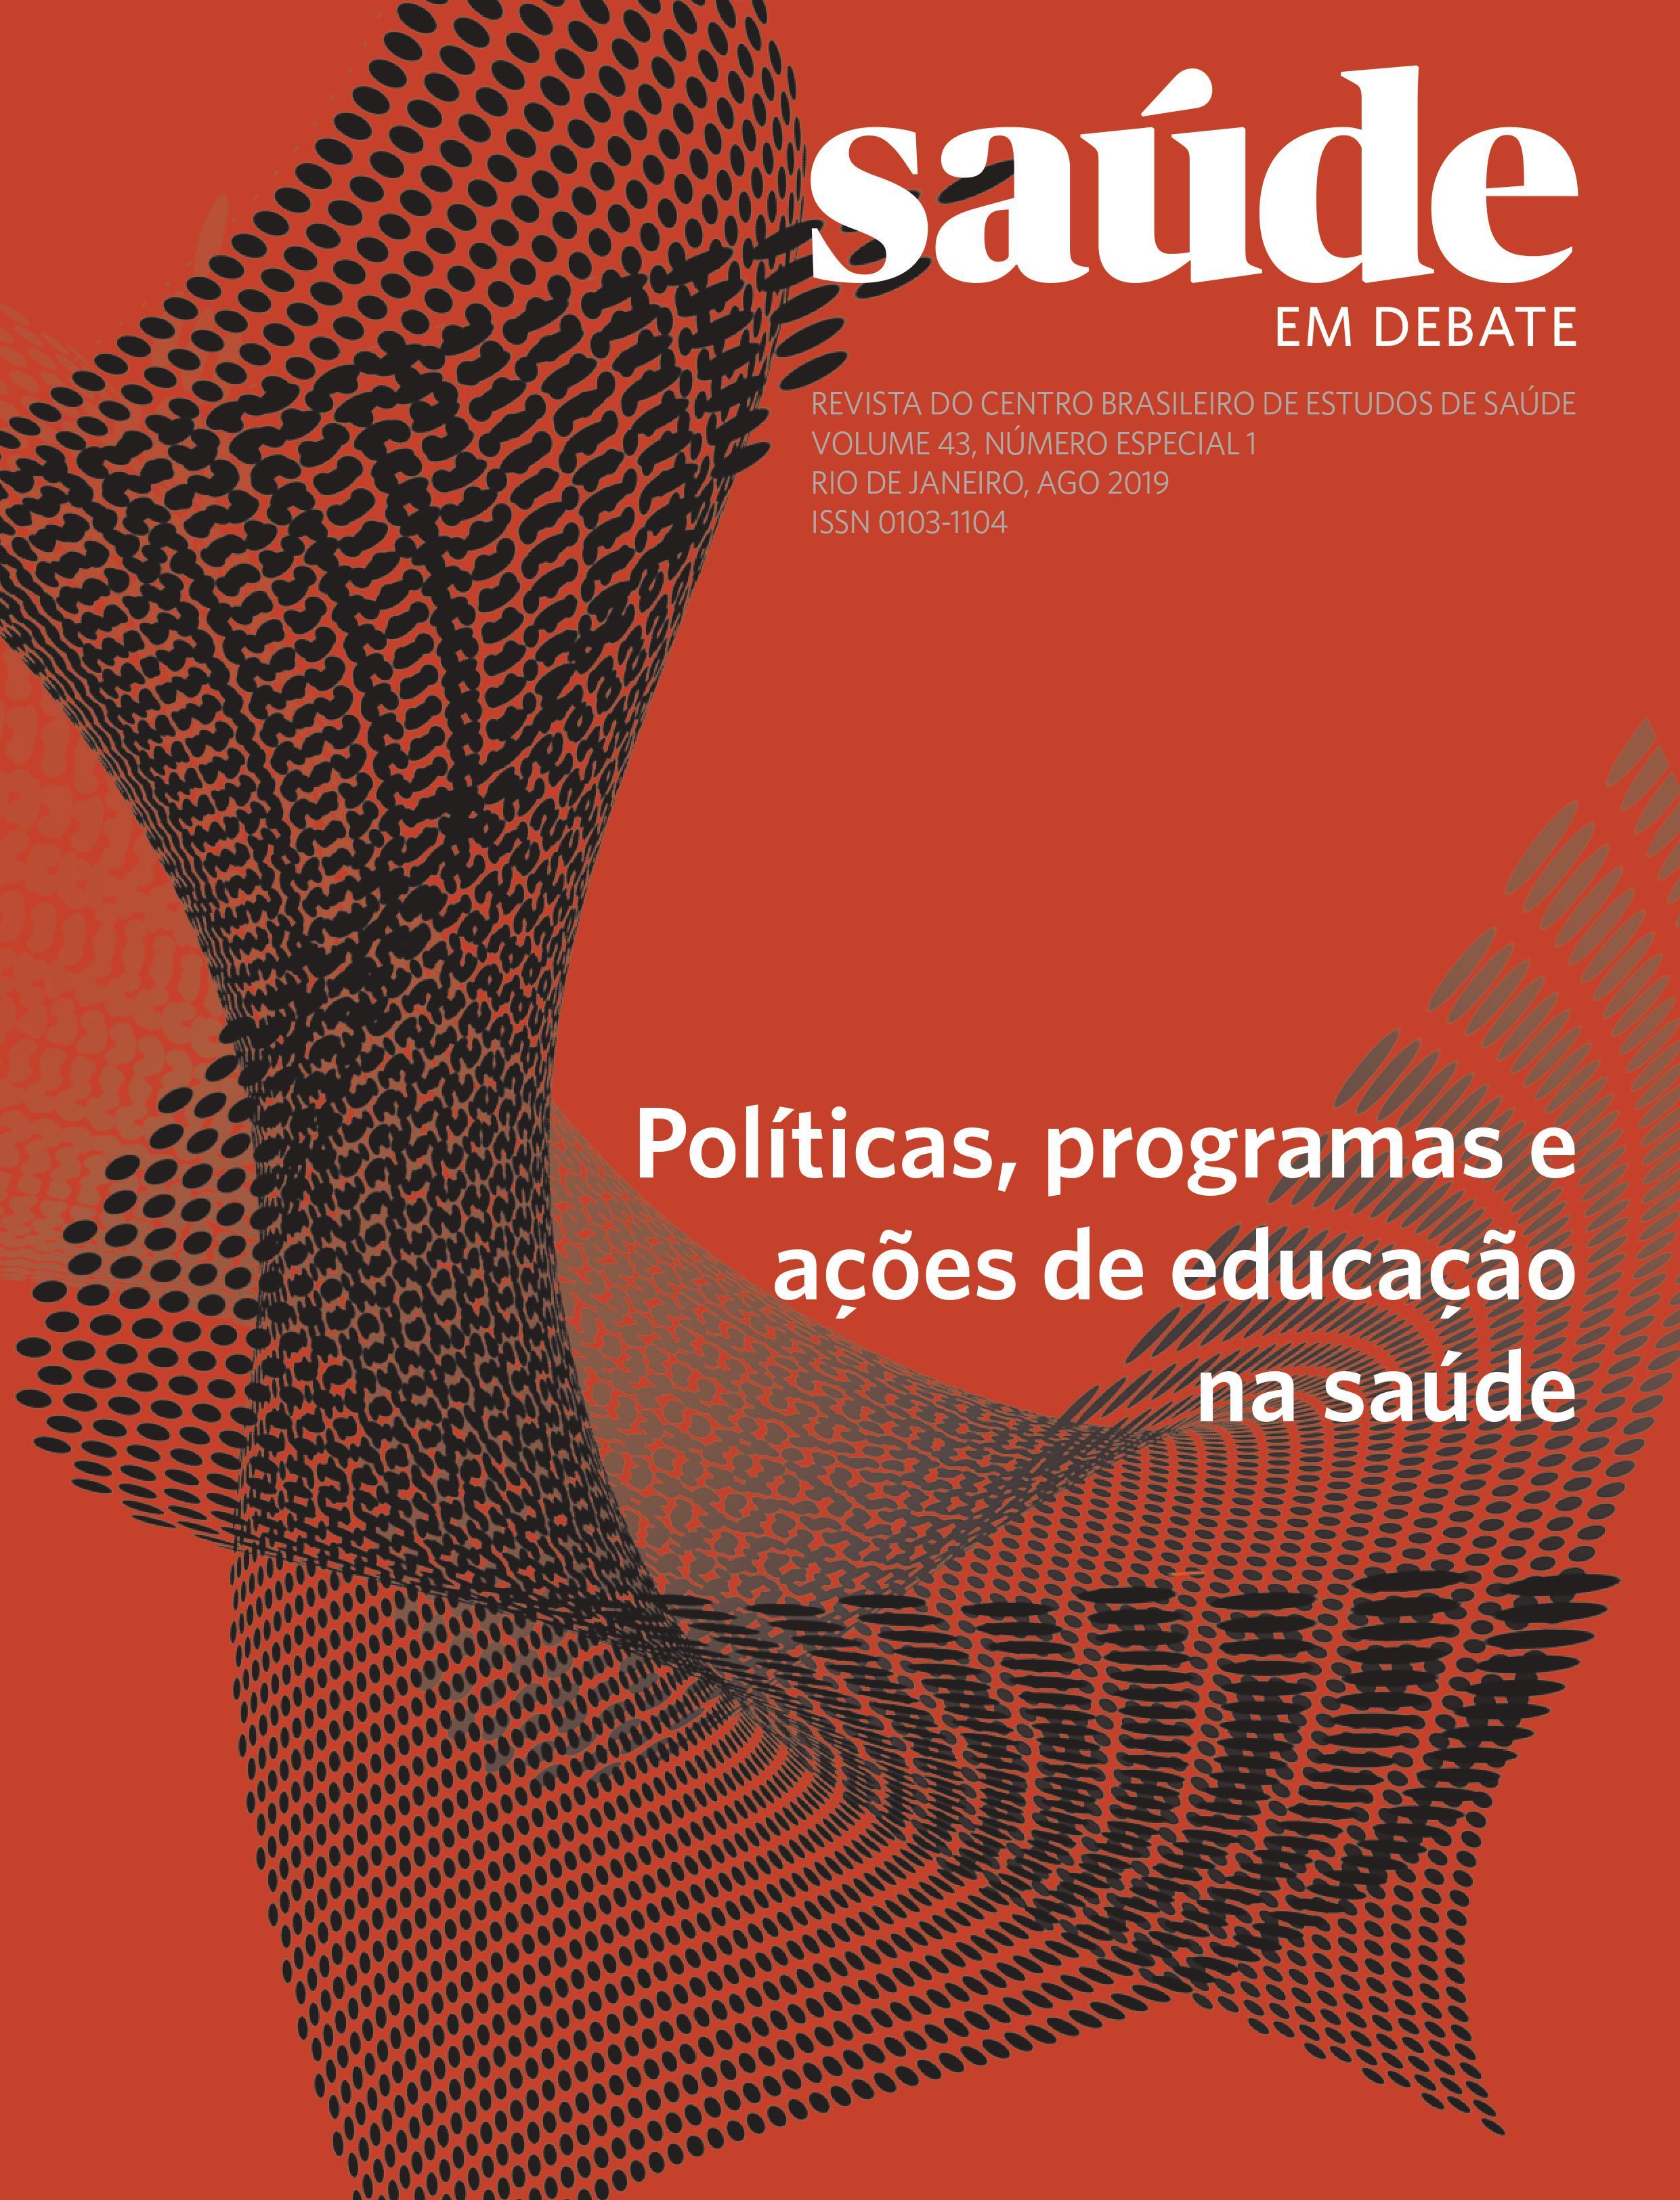 Visualizar v. 43 n. Especial 1 (2019): Políticas, programas e ações de educação na saúde